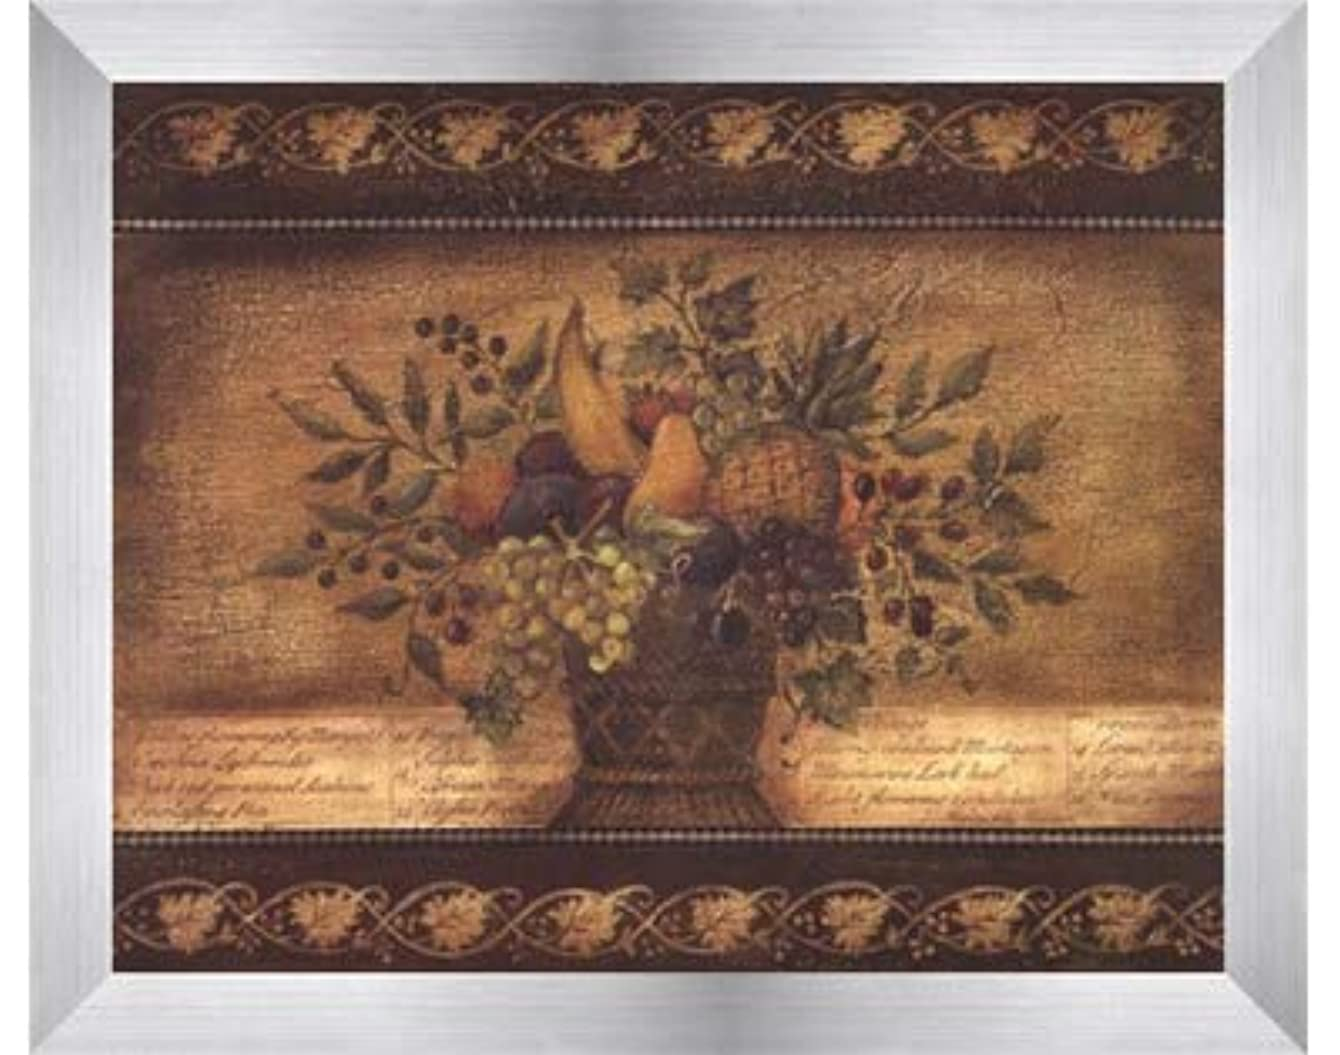 資格入札レオナルドダOld World Abundance I by Kimberly Poloson – 10 x 8インチ – アートプリントポスター LE_112347-F9935-10x8